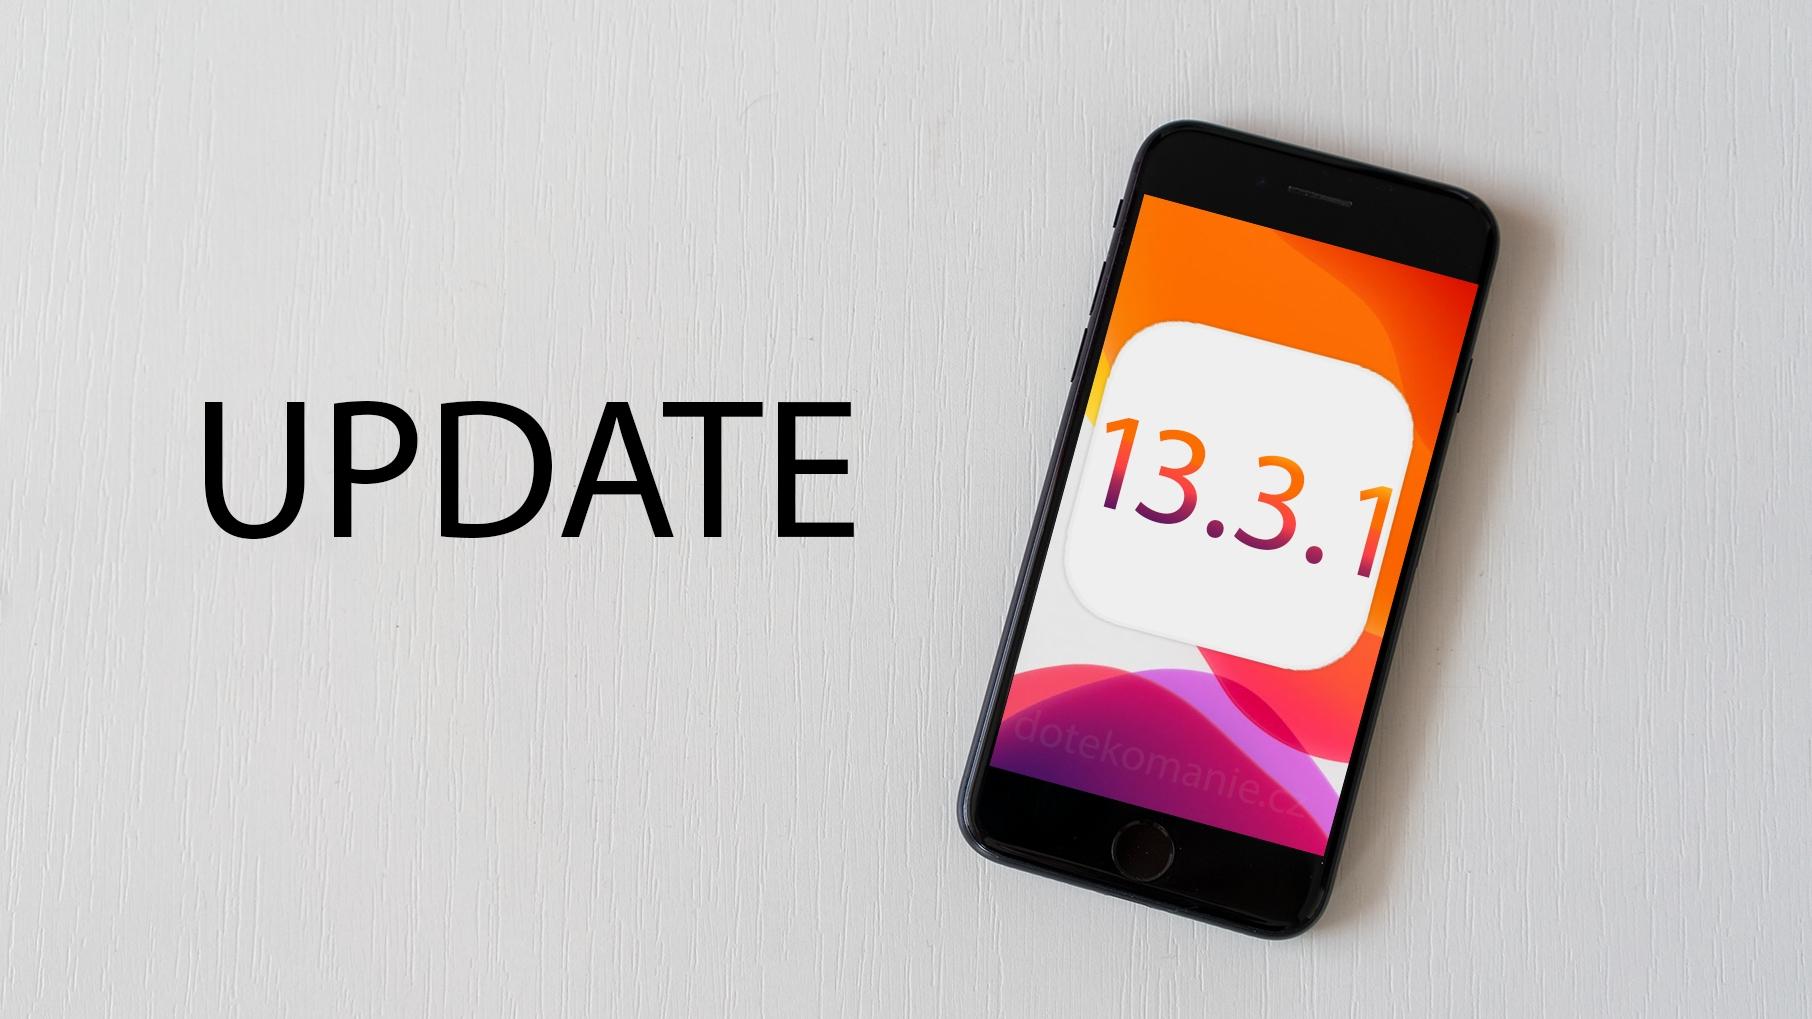 Apple vydal iOS 13.3.1 opravující Screen Time a Mail